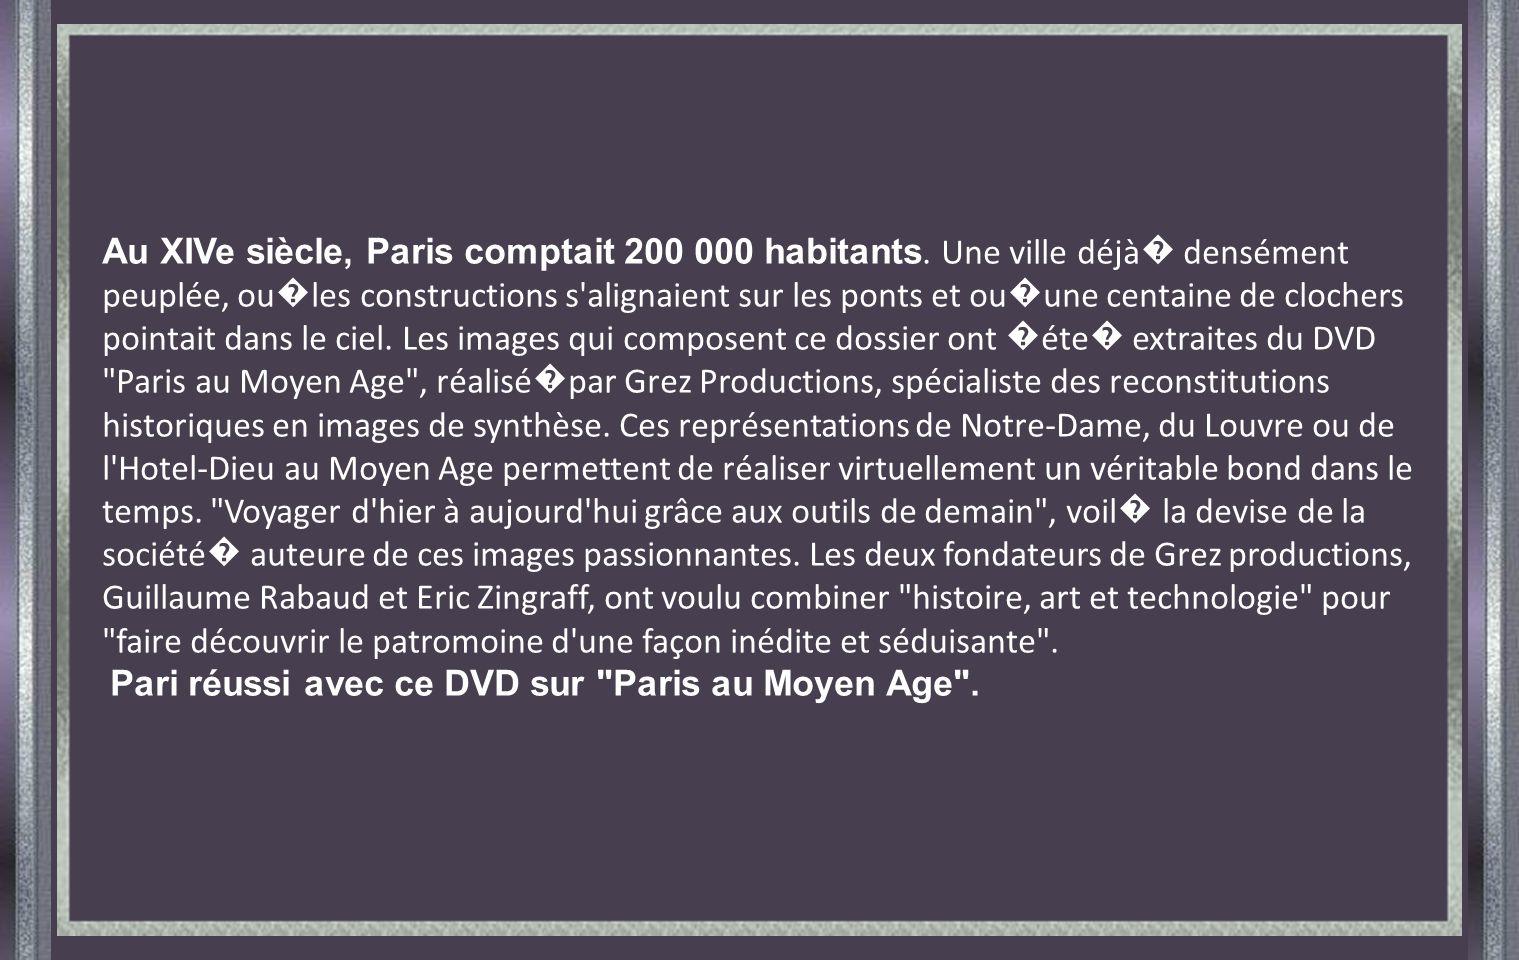 Au XIVe siècle, Paris comptait 200 000 habitants.